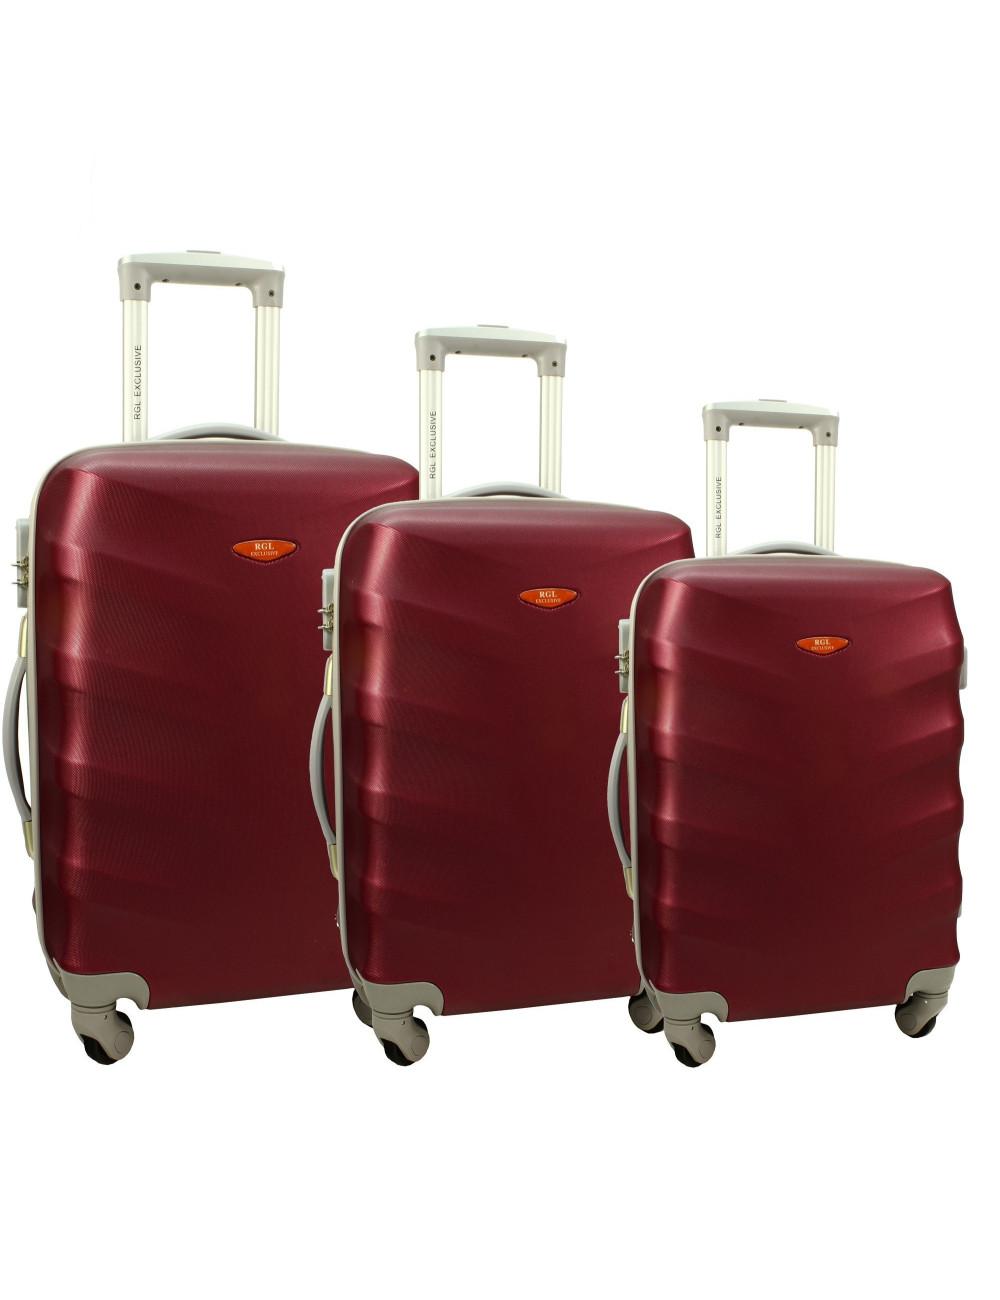 Zestaw walizek podróżnych na kółkach 3w1 81 RGL - bordowy